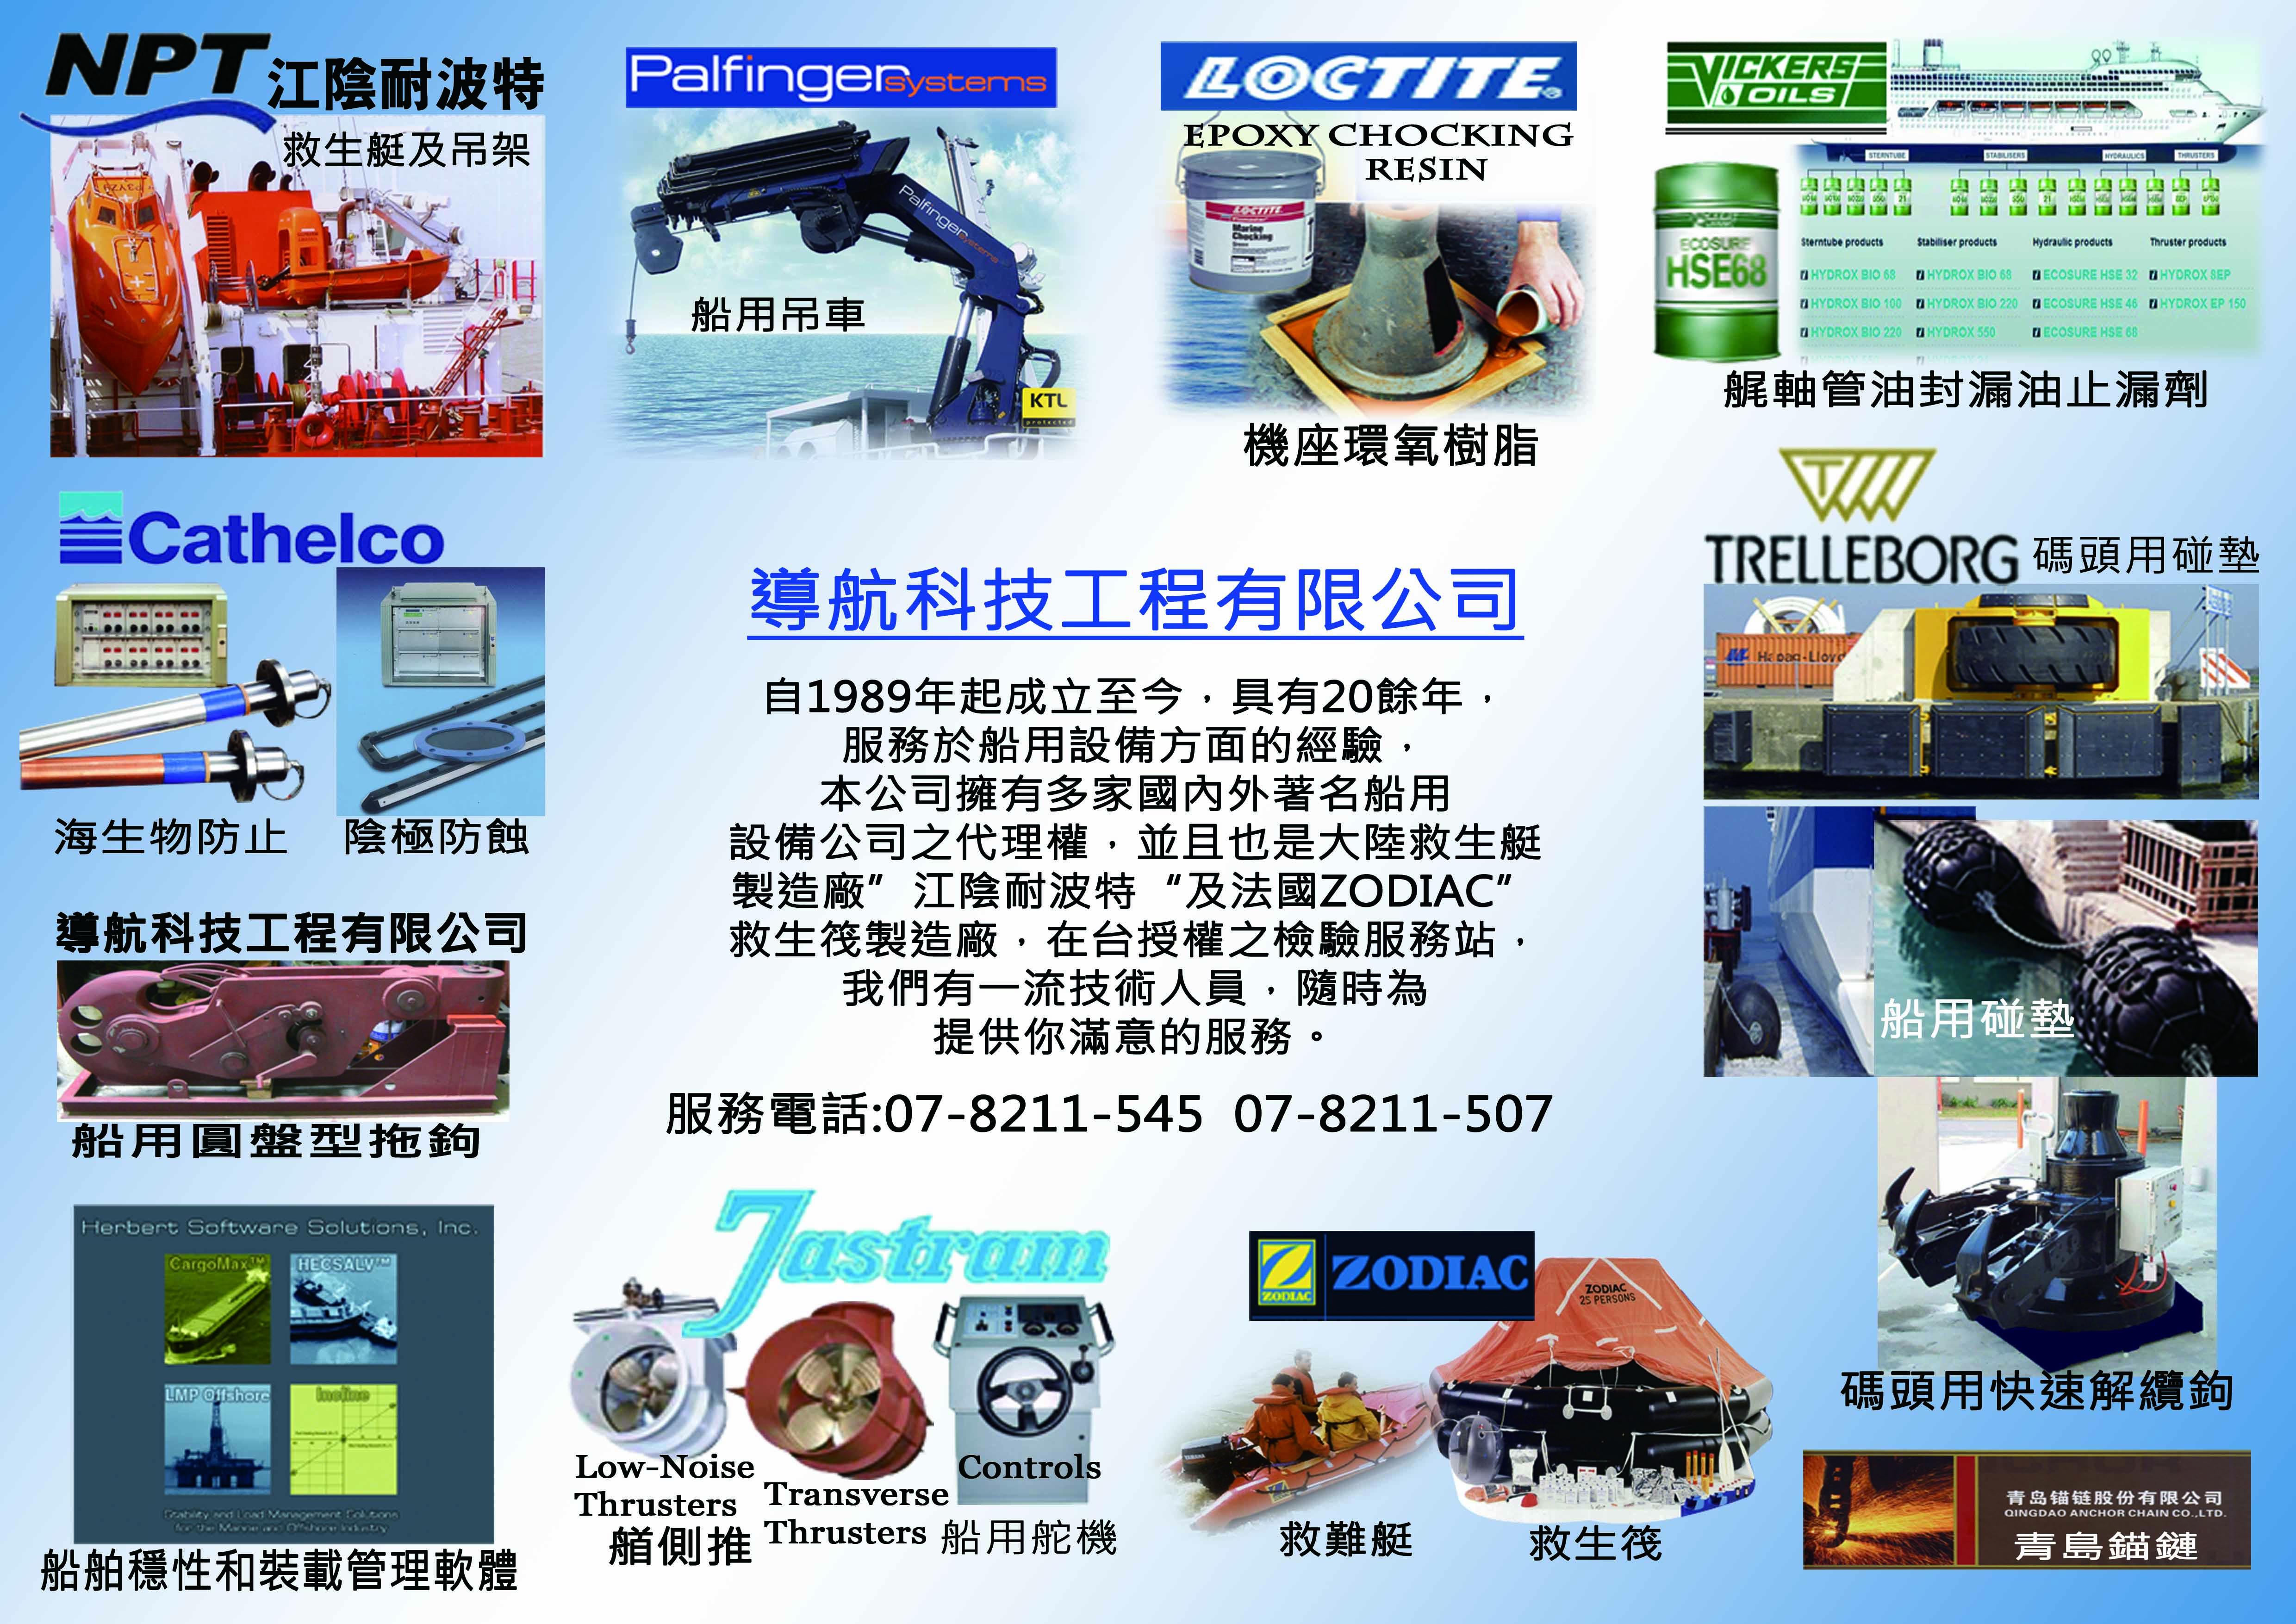 導航科技工程有限公司(Pilot Marine )